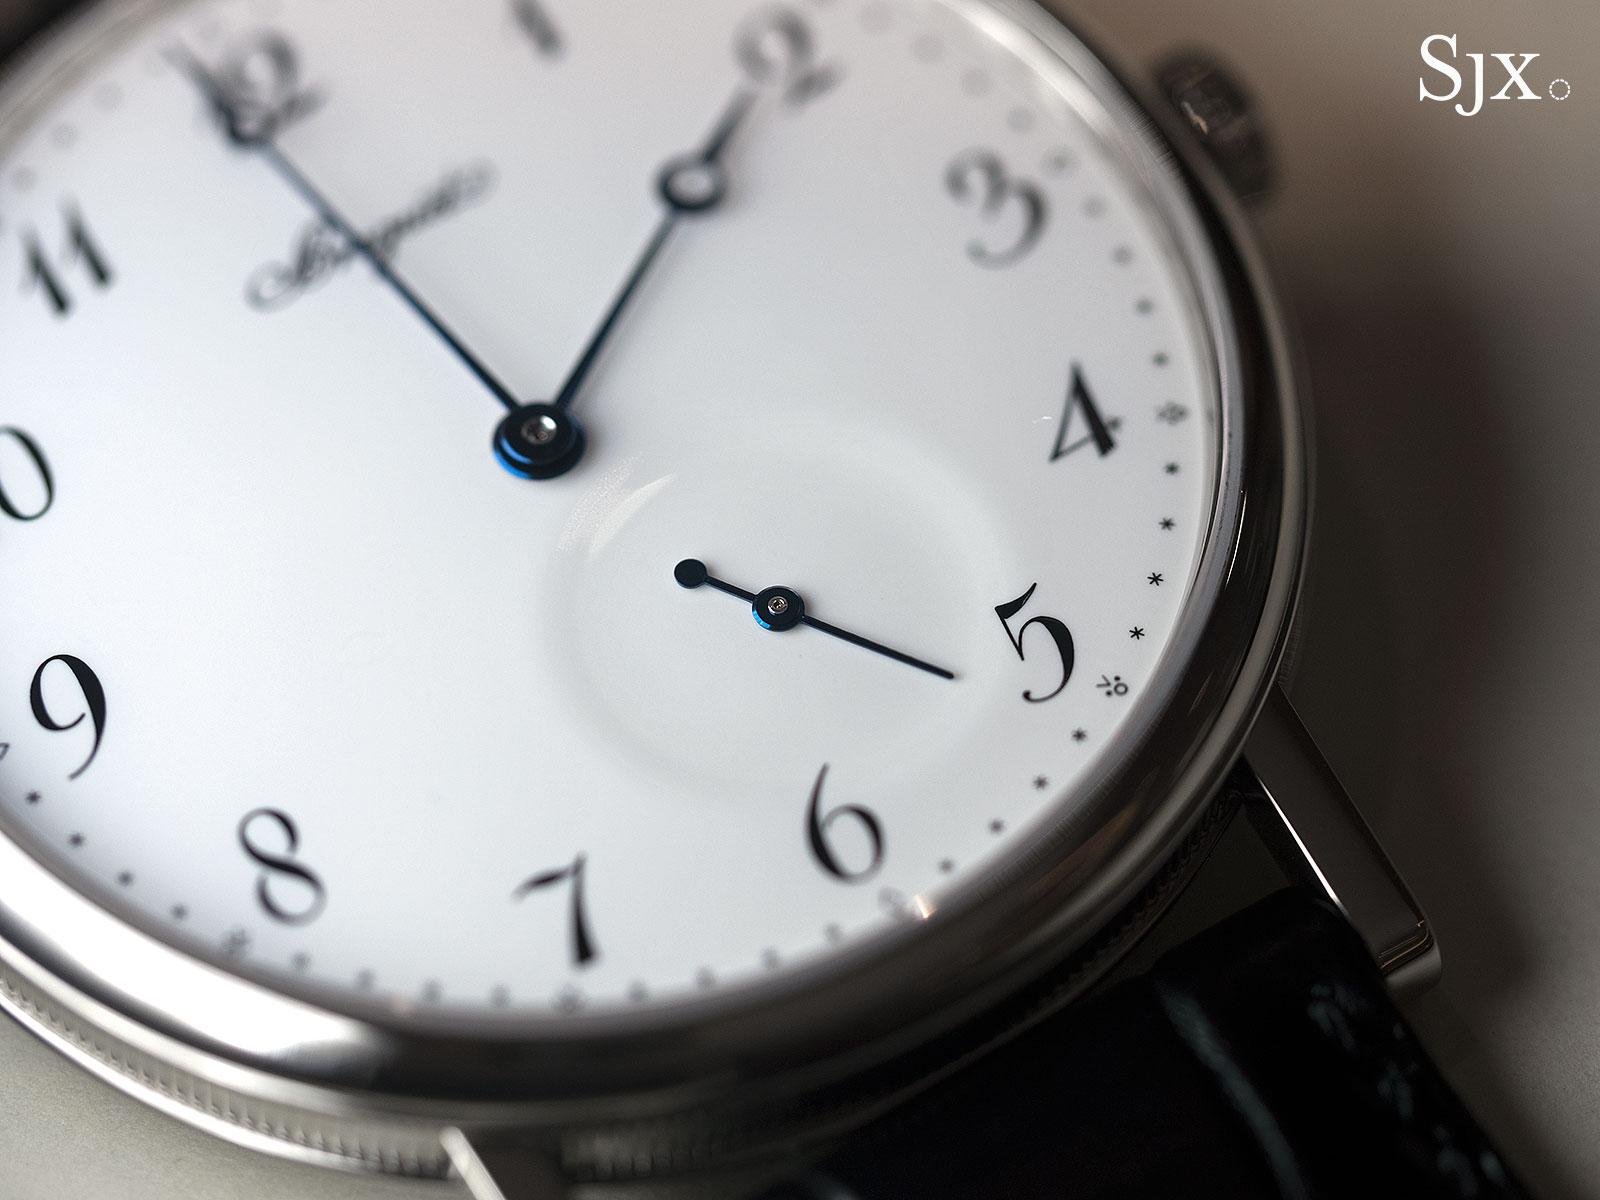 Breguet Classique 7147 enamel dial 5